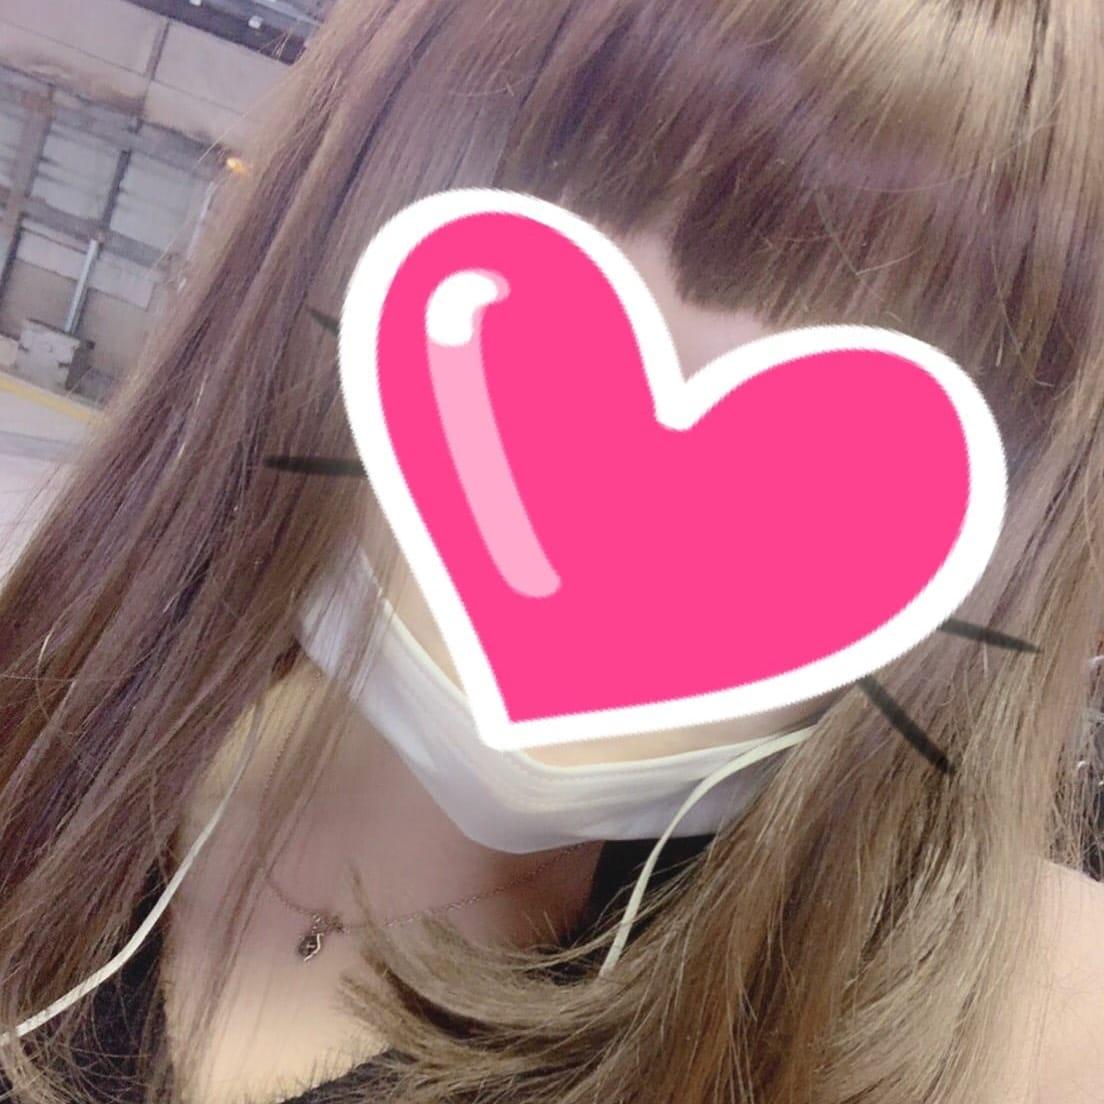 体験☆一ノ瀬【 小悪魔系Gカップ!】 | お姉さん人妻専門店FANTASY(倉敷)